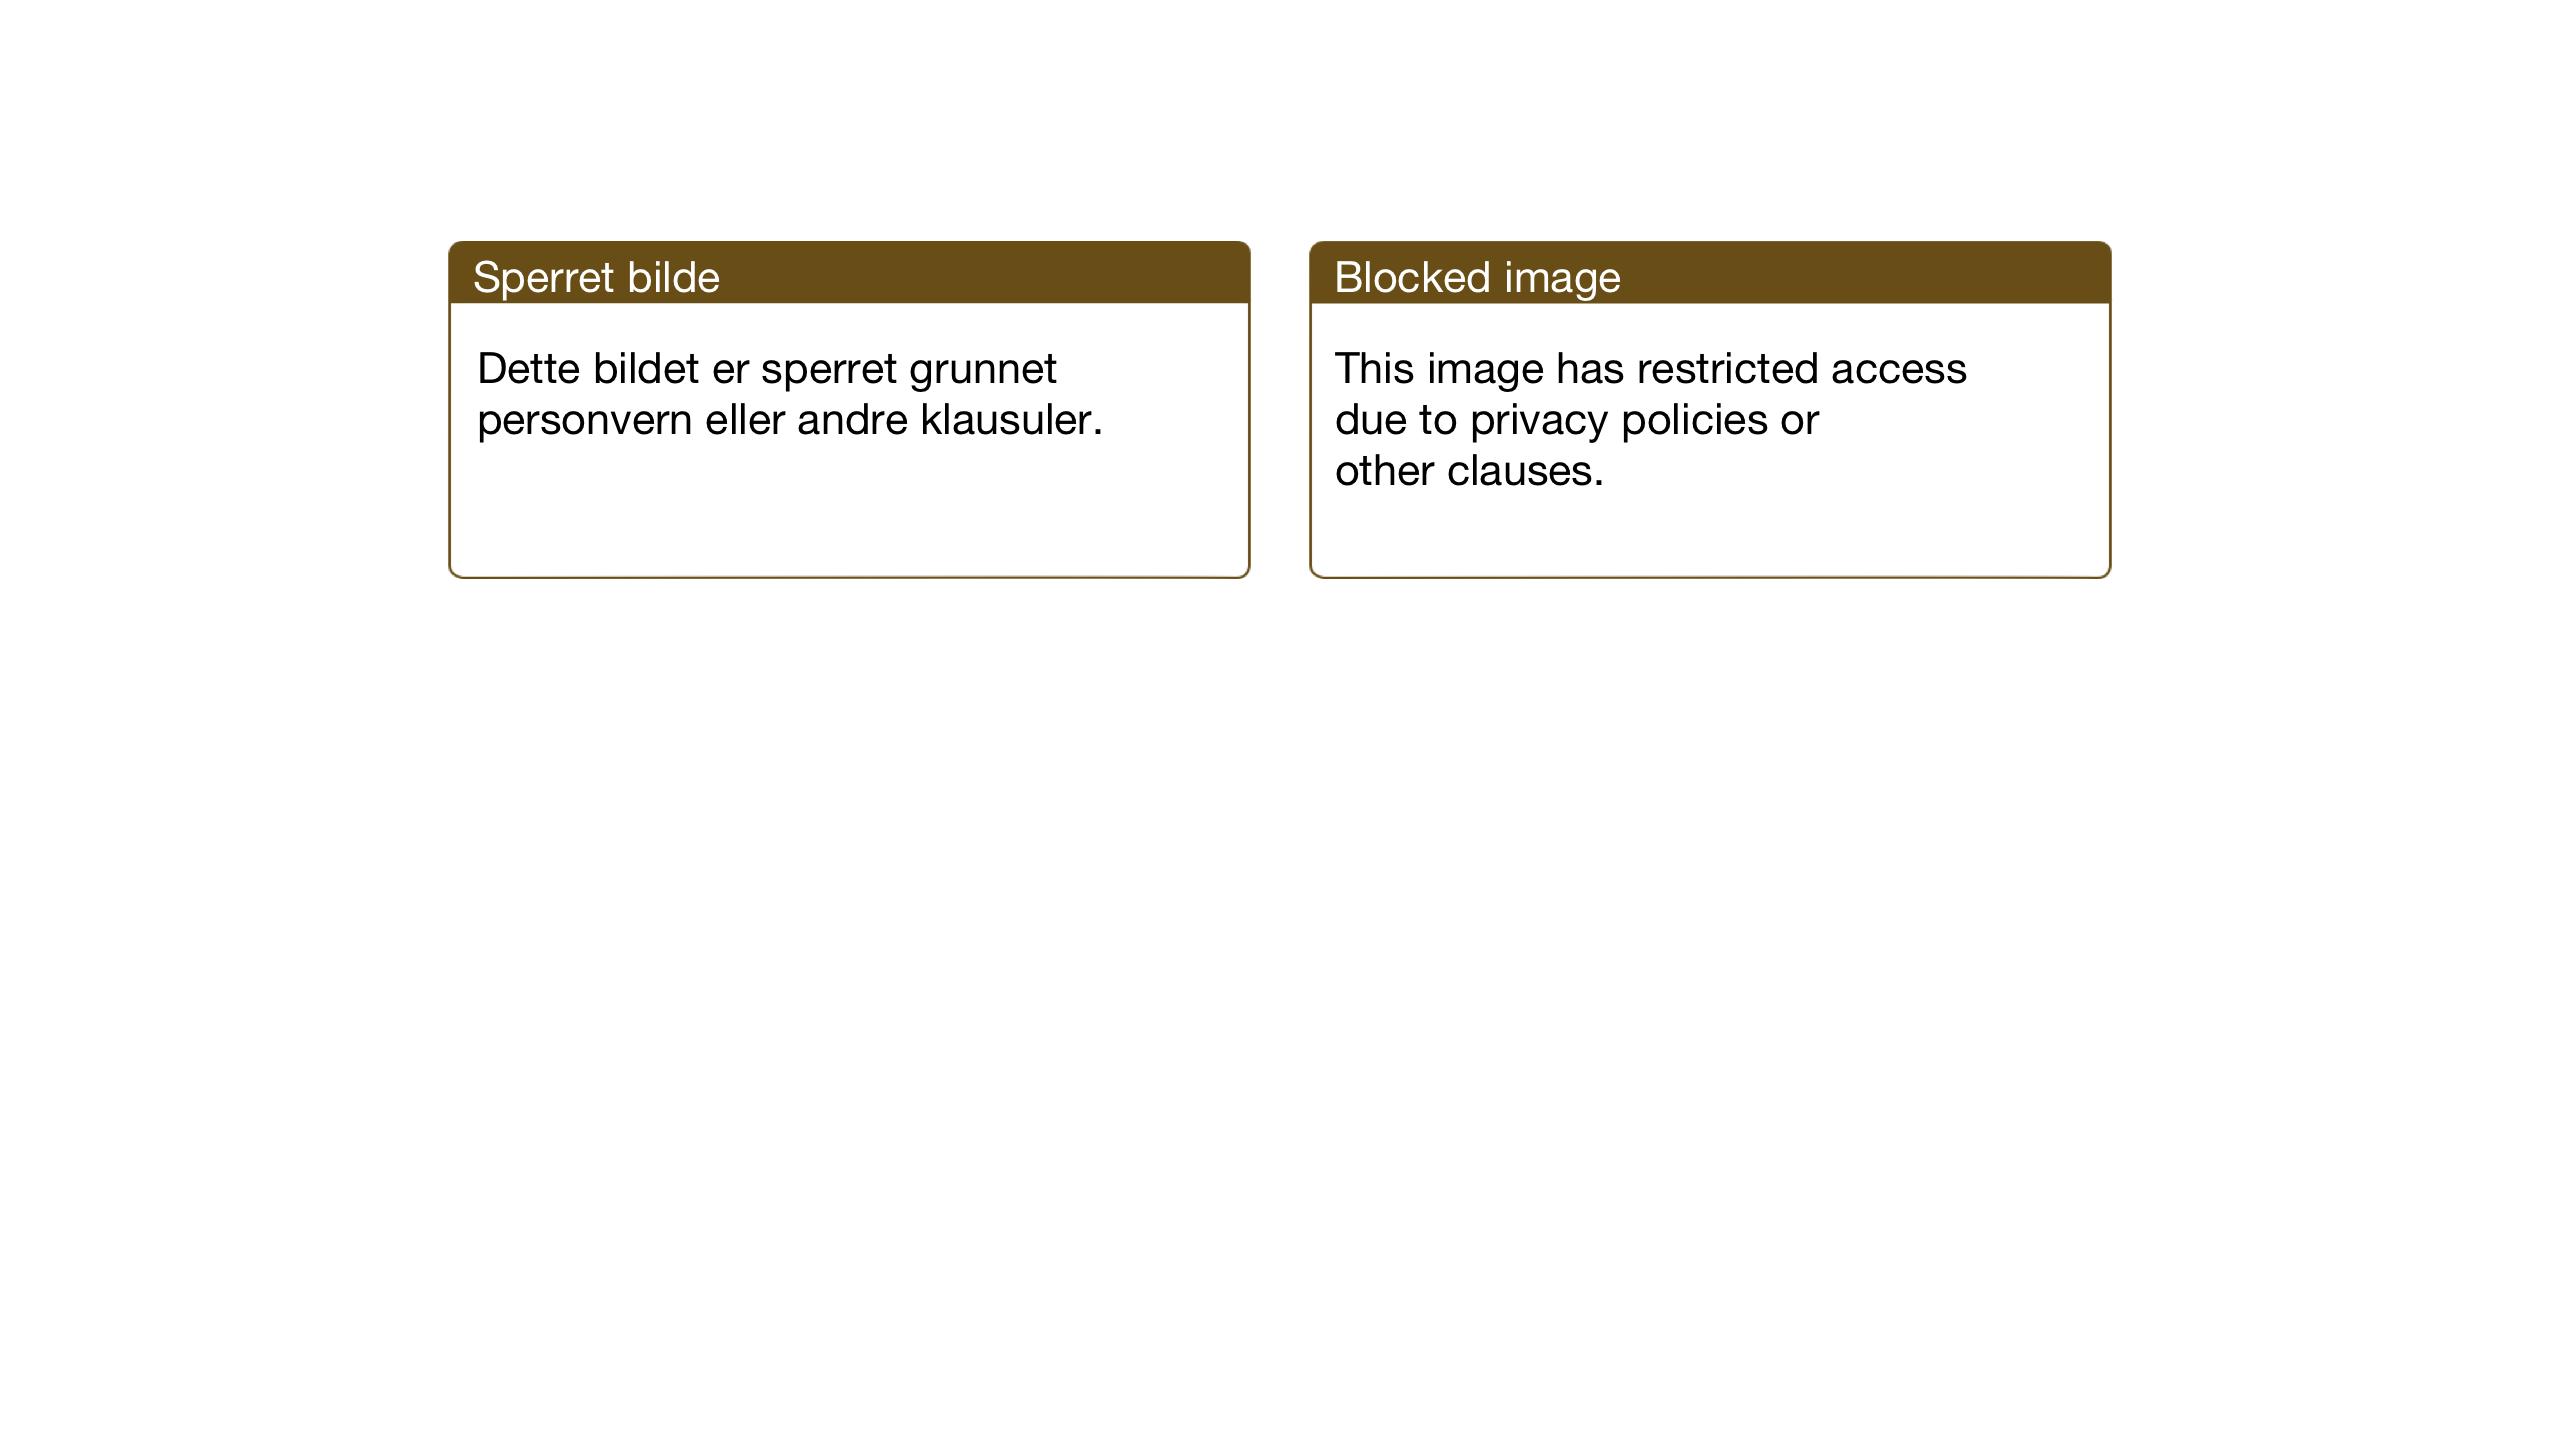 SAT, Ministerialprotokoller, klokkerbøker og fødselsregistre - Nord-Trøndelag, 746/L0456: Klokkerbok nr. 746C02, 1936-1948, s. 14